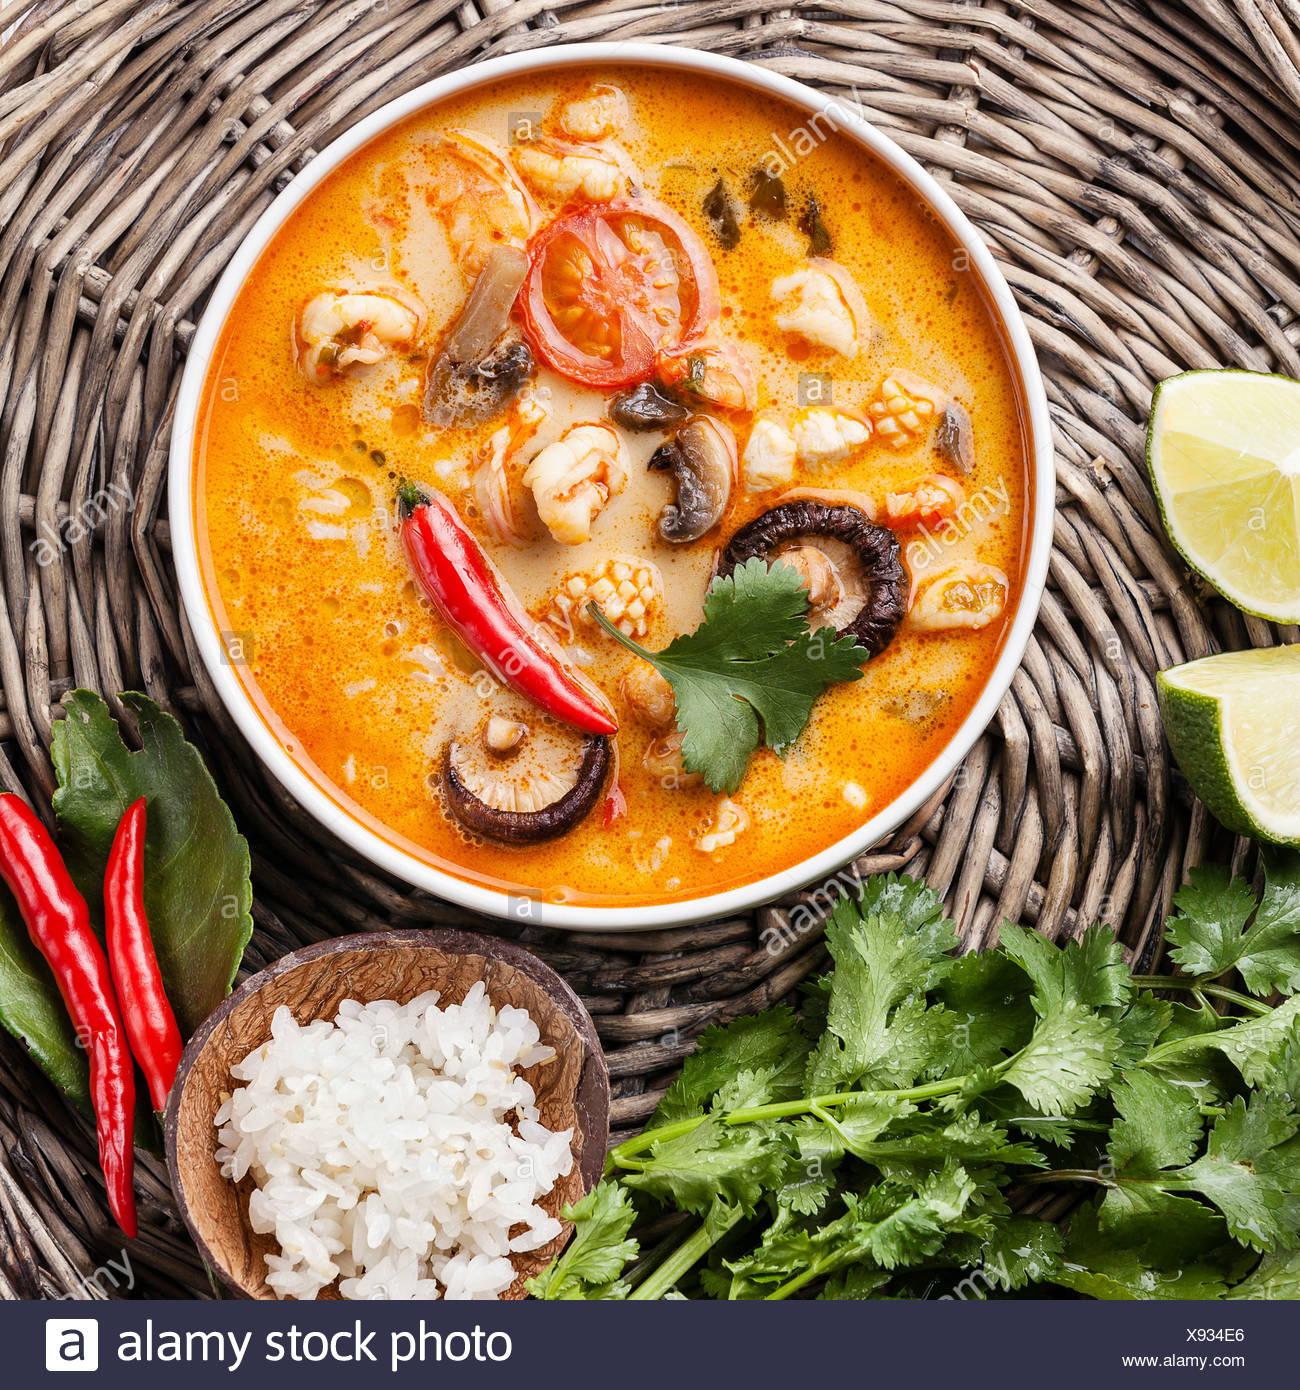 Soupe Thaï épicé Tom Yam au Lait de Coco, Piments et fruits de mer Photo Stock